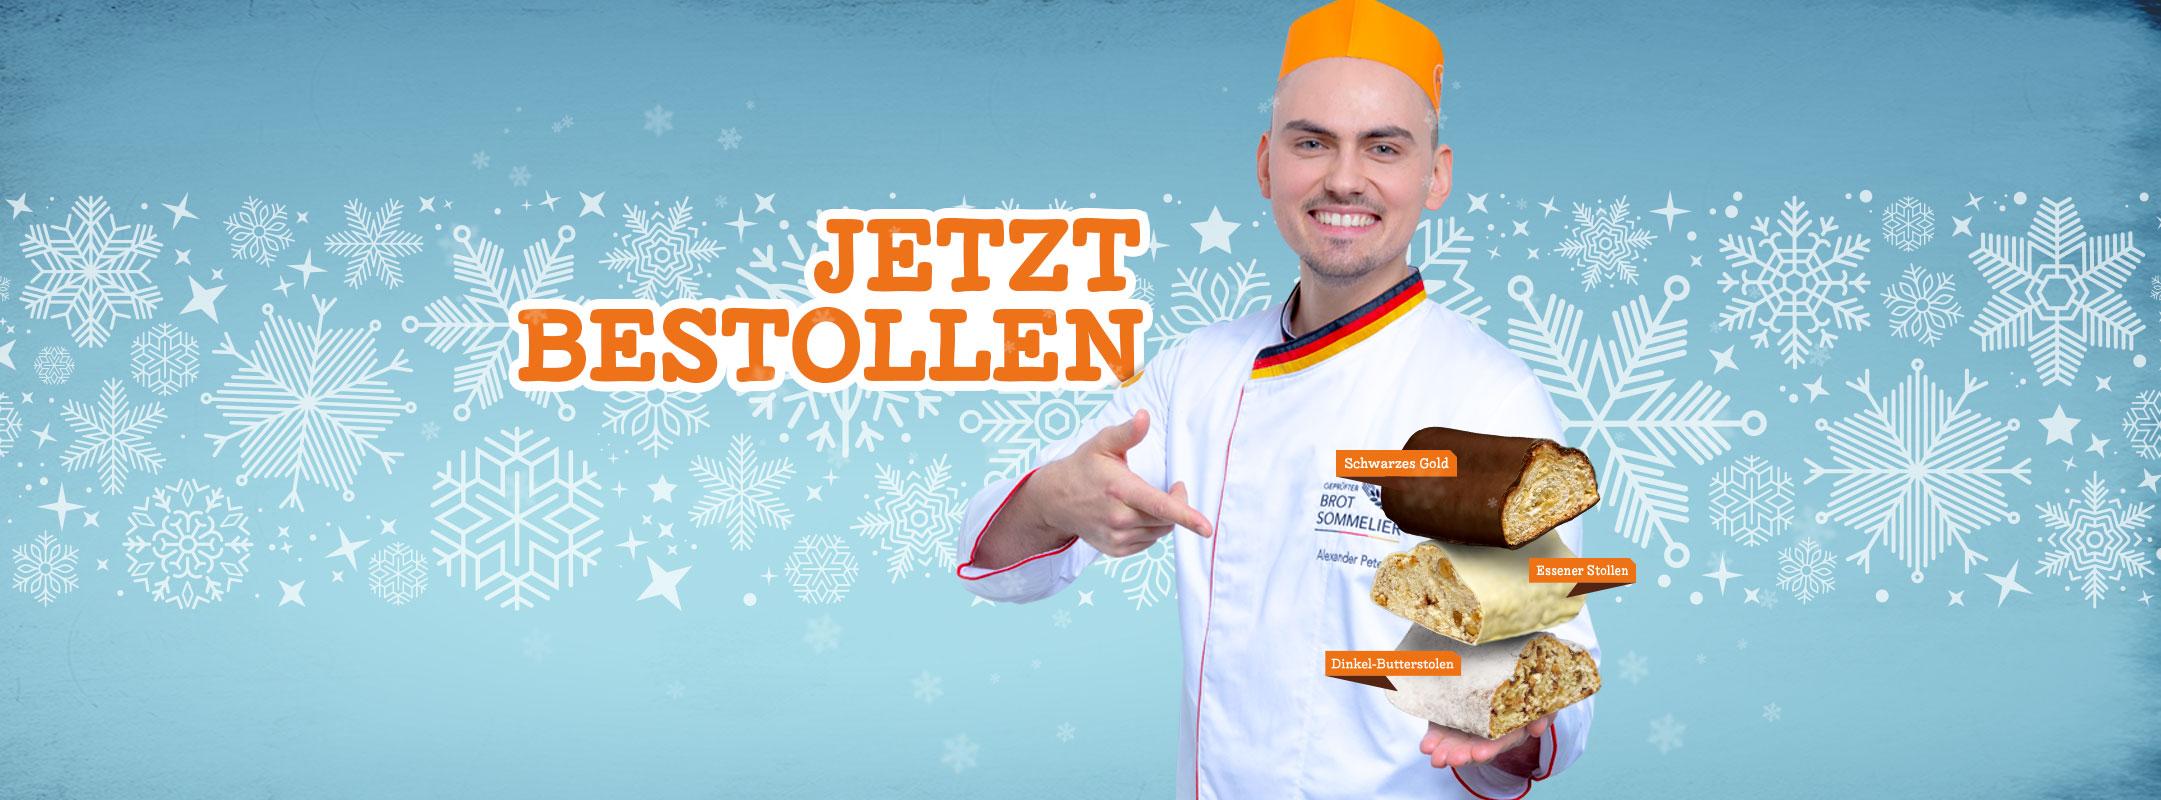 201105_Weihnachtsstollen_Header_2161x800